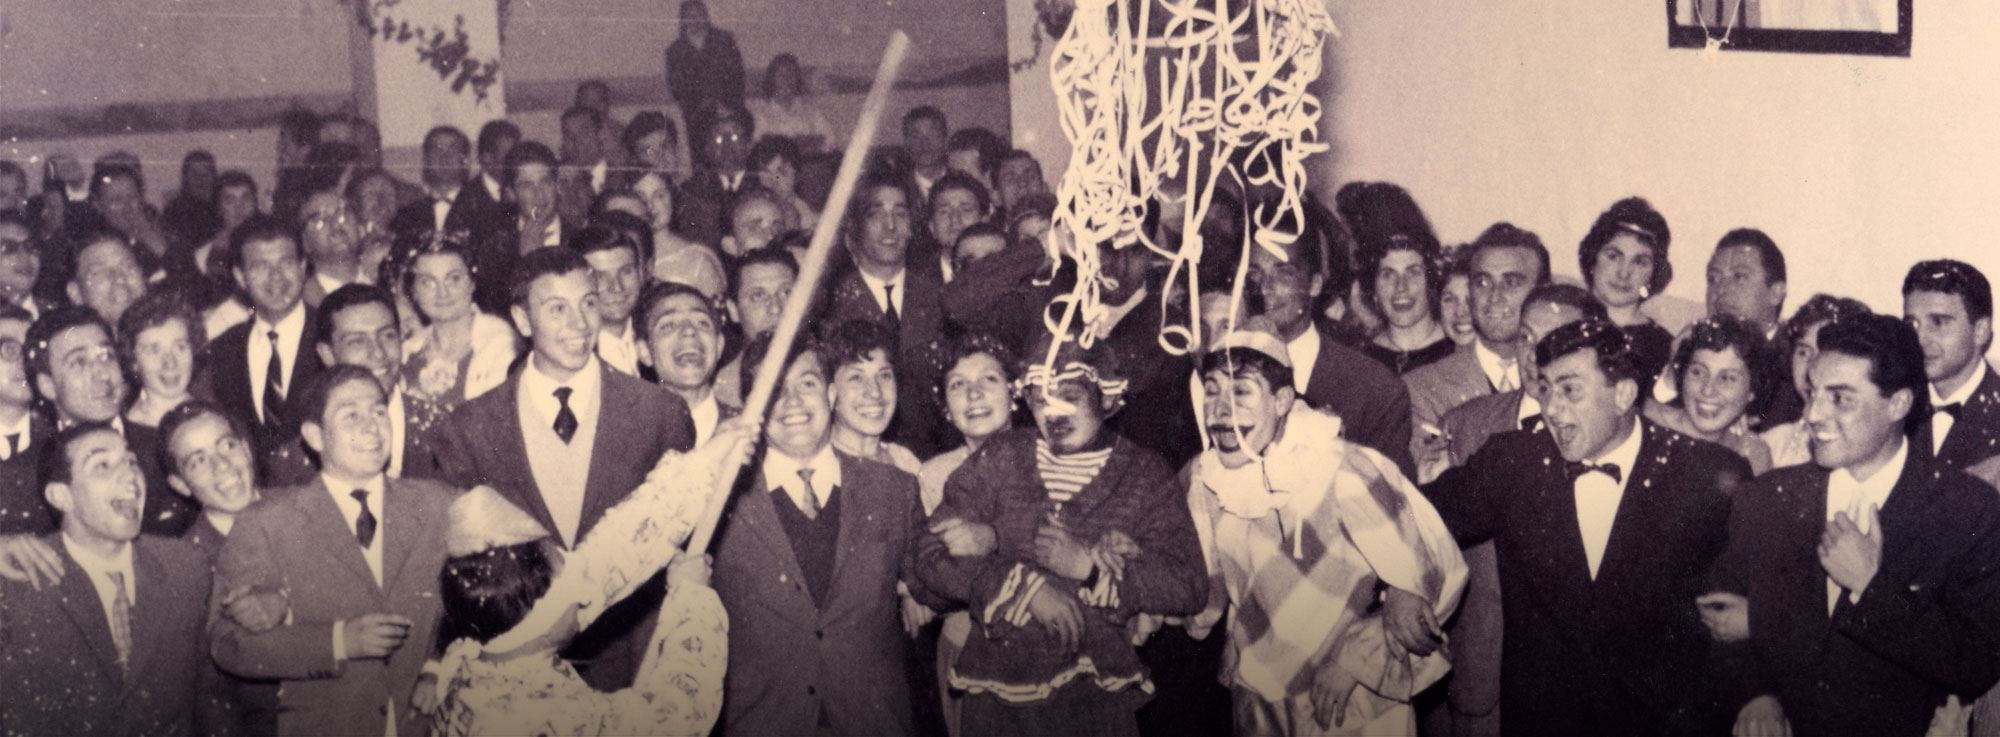 Cerignola: Festa della Pentolaccia